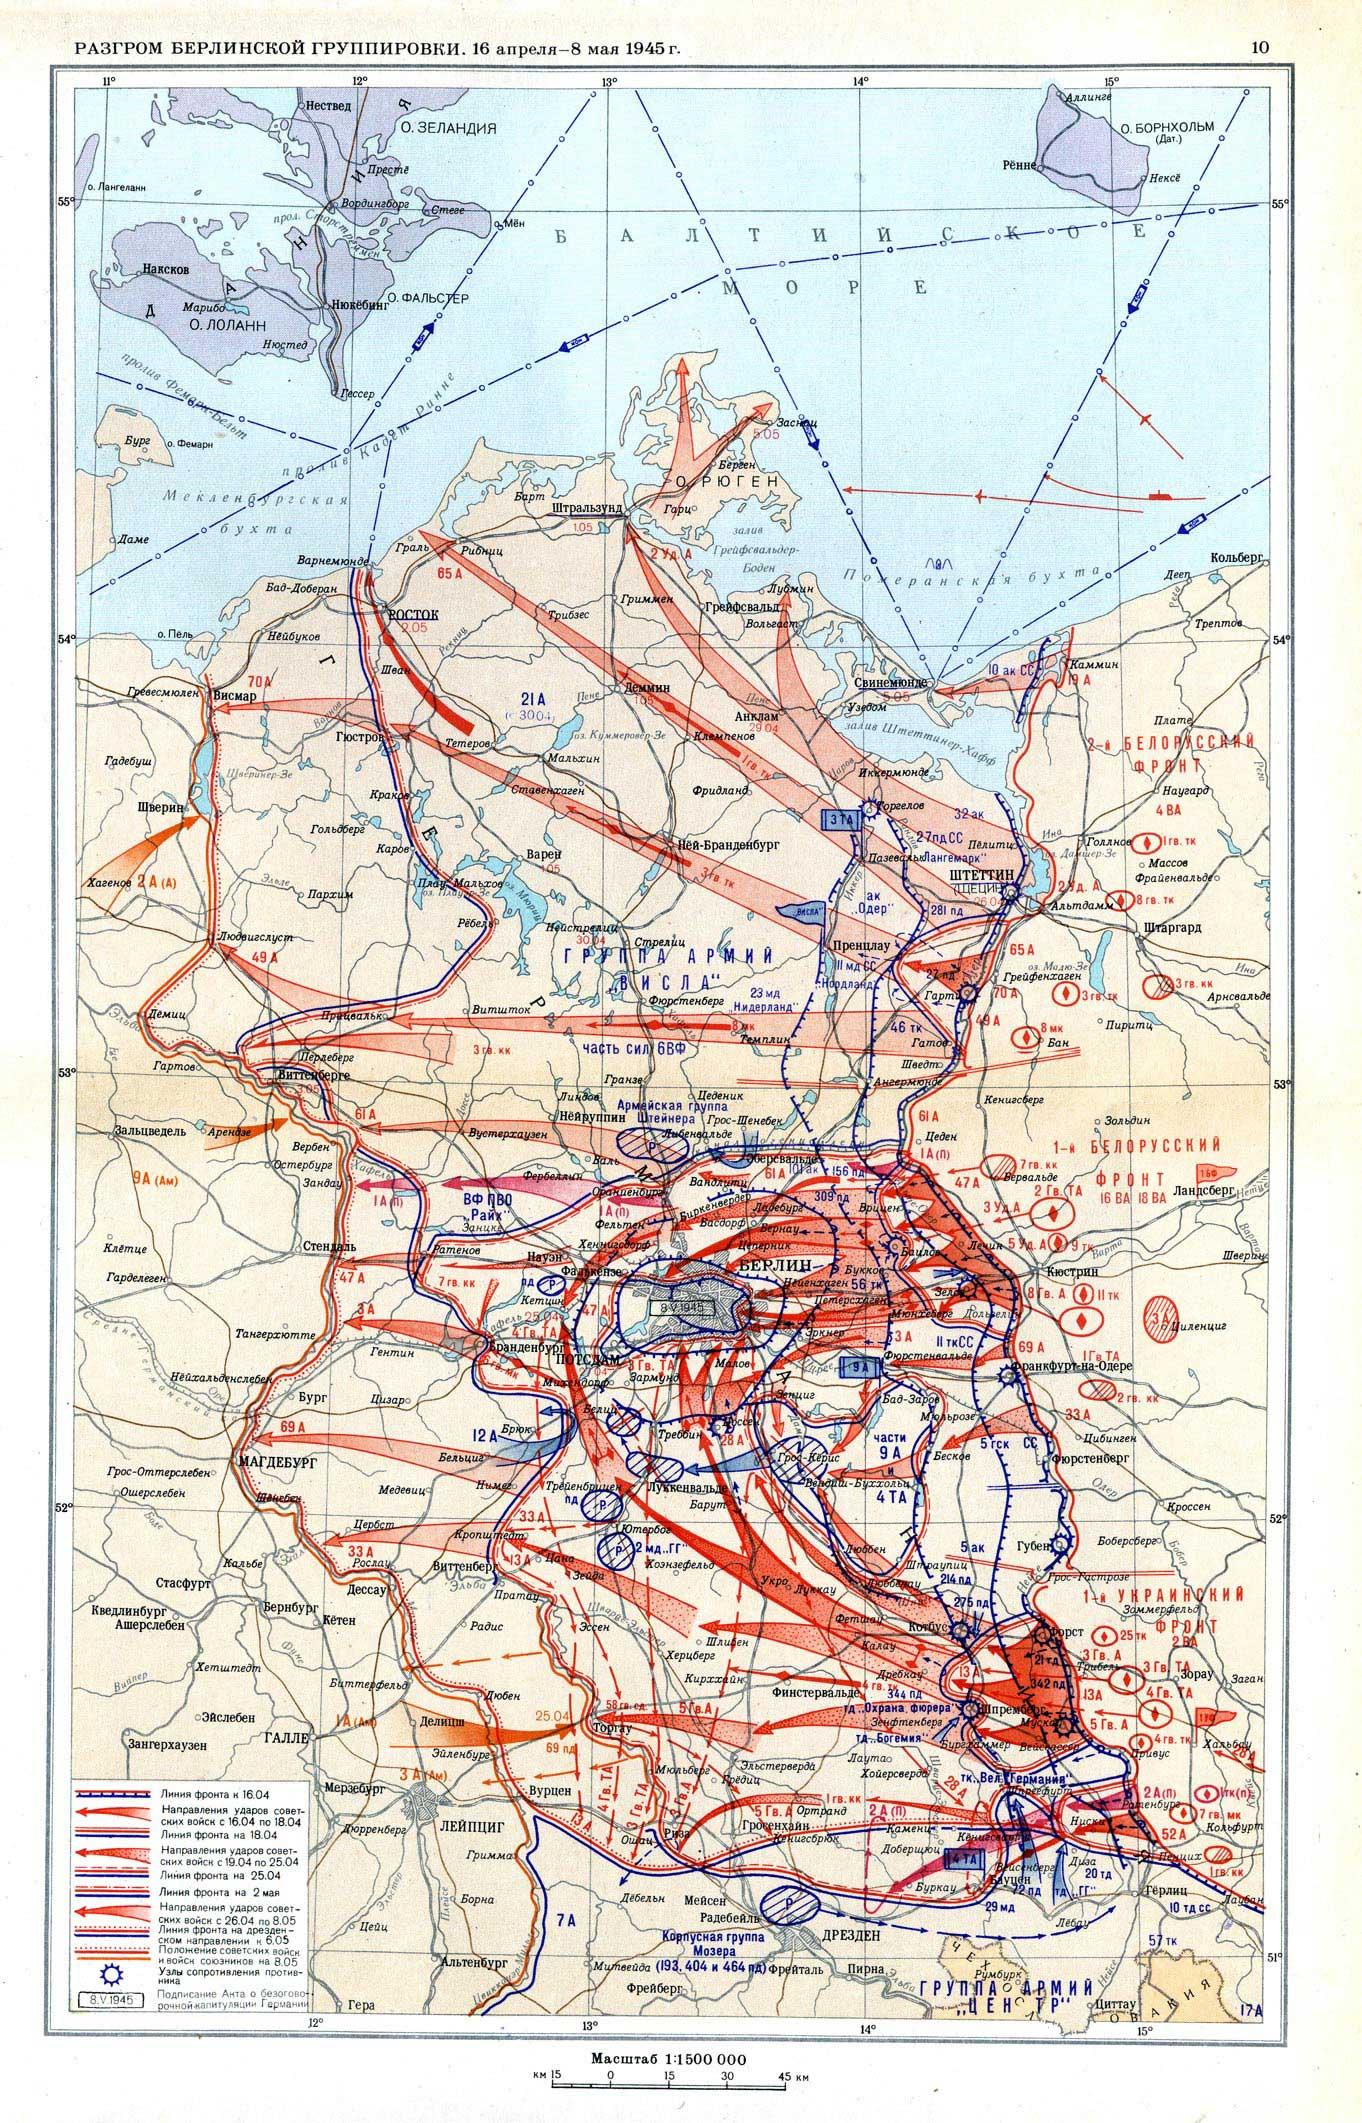 http://1941-1945.at.ua/_ph/8/918872488.jpg?1426241579